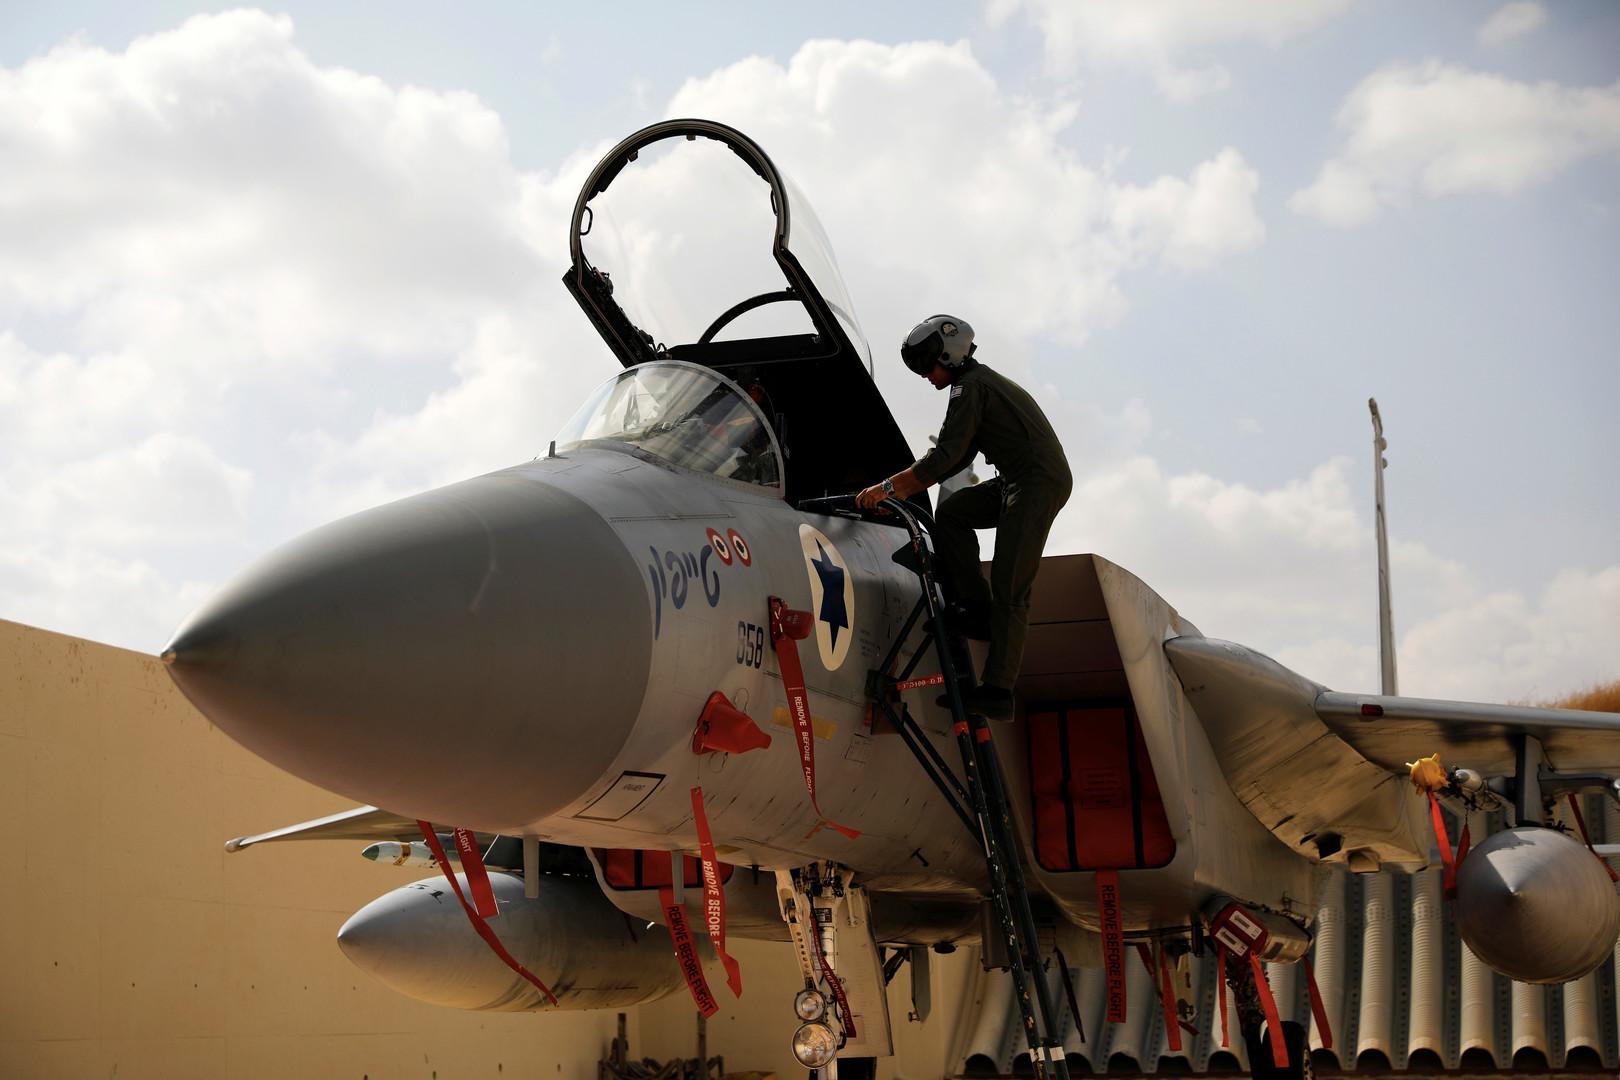 الطيران الإسرائيلي يغير على غزة بعد إطلاق صاروخ باتجاه مستوطنة أشكول